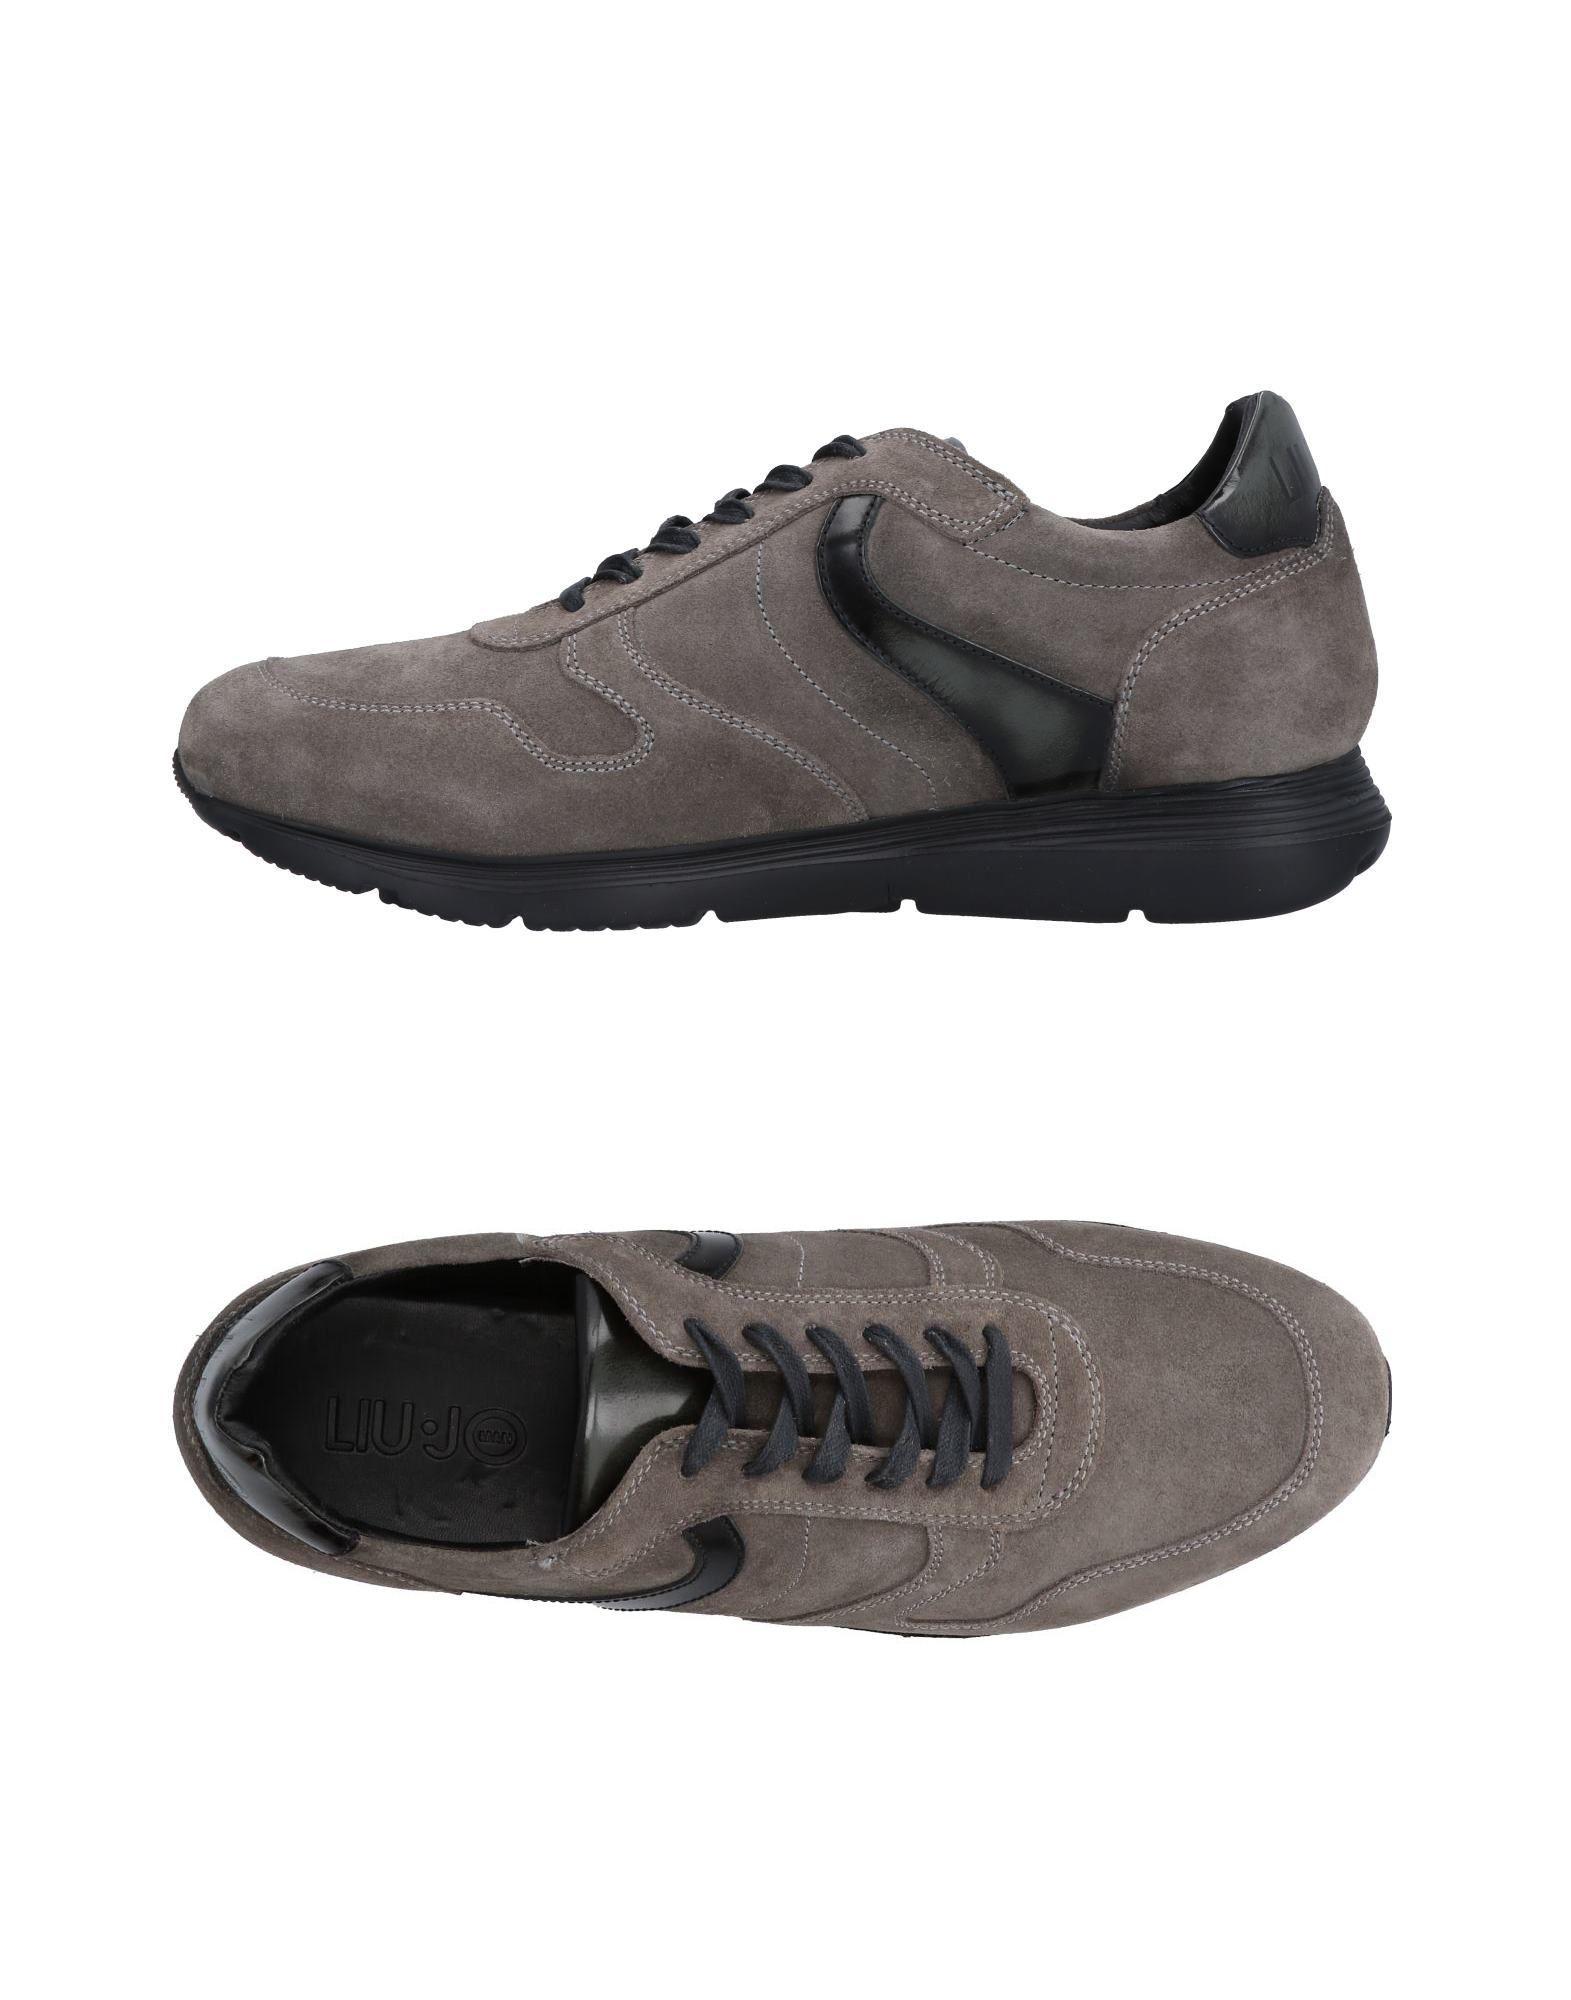 Sneakers Liu •Jo Man Homme - Sneakers Liu •Jo Man  Plomb Réduction de prix saisonnier, remise